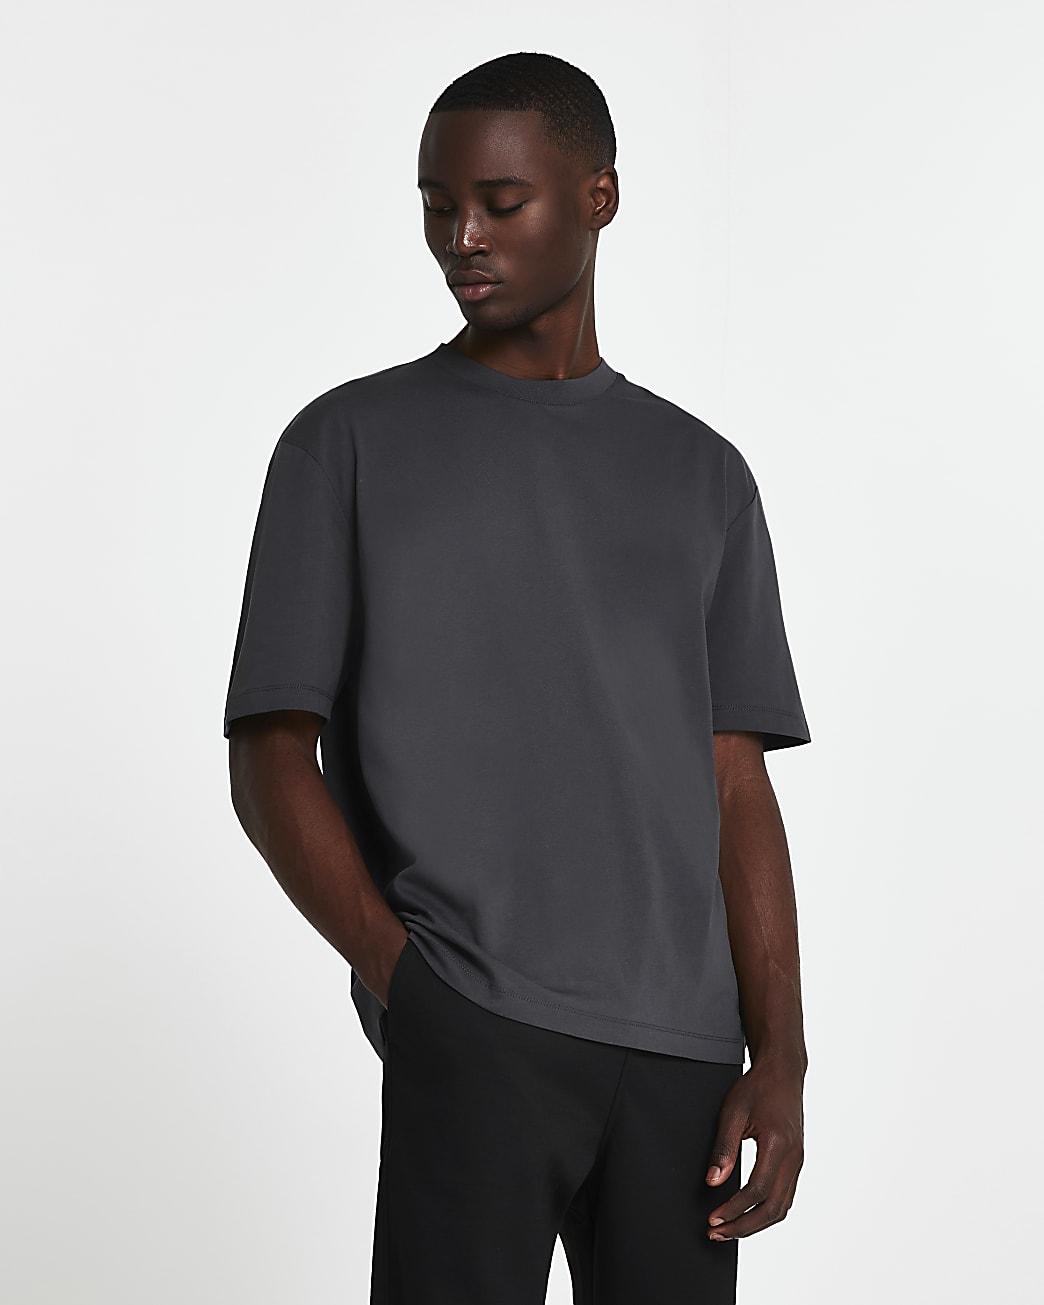 Grey oversized short sleeve t-shirt